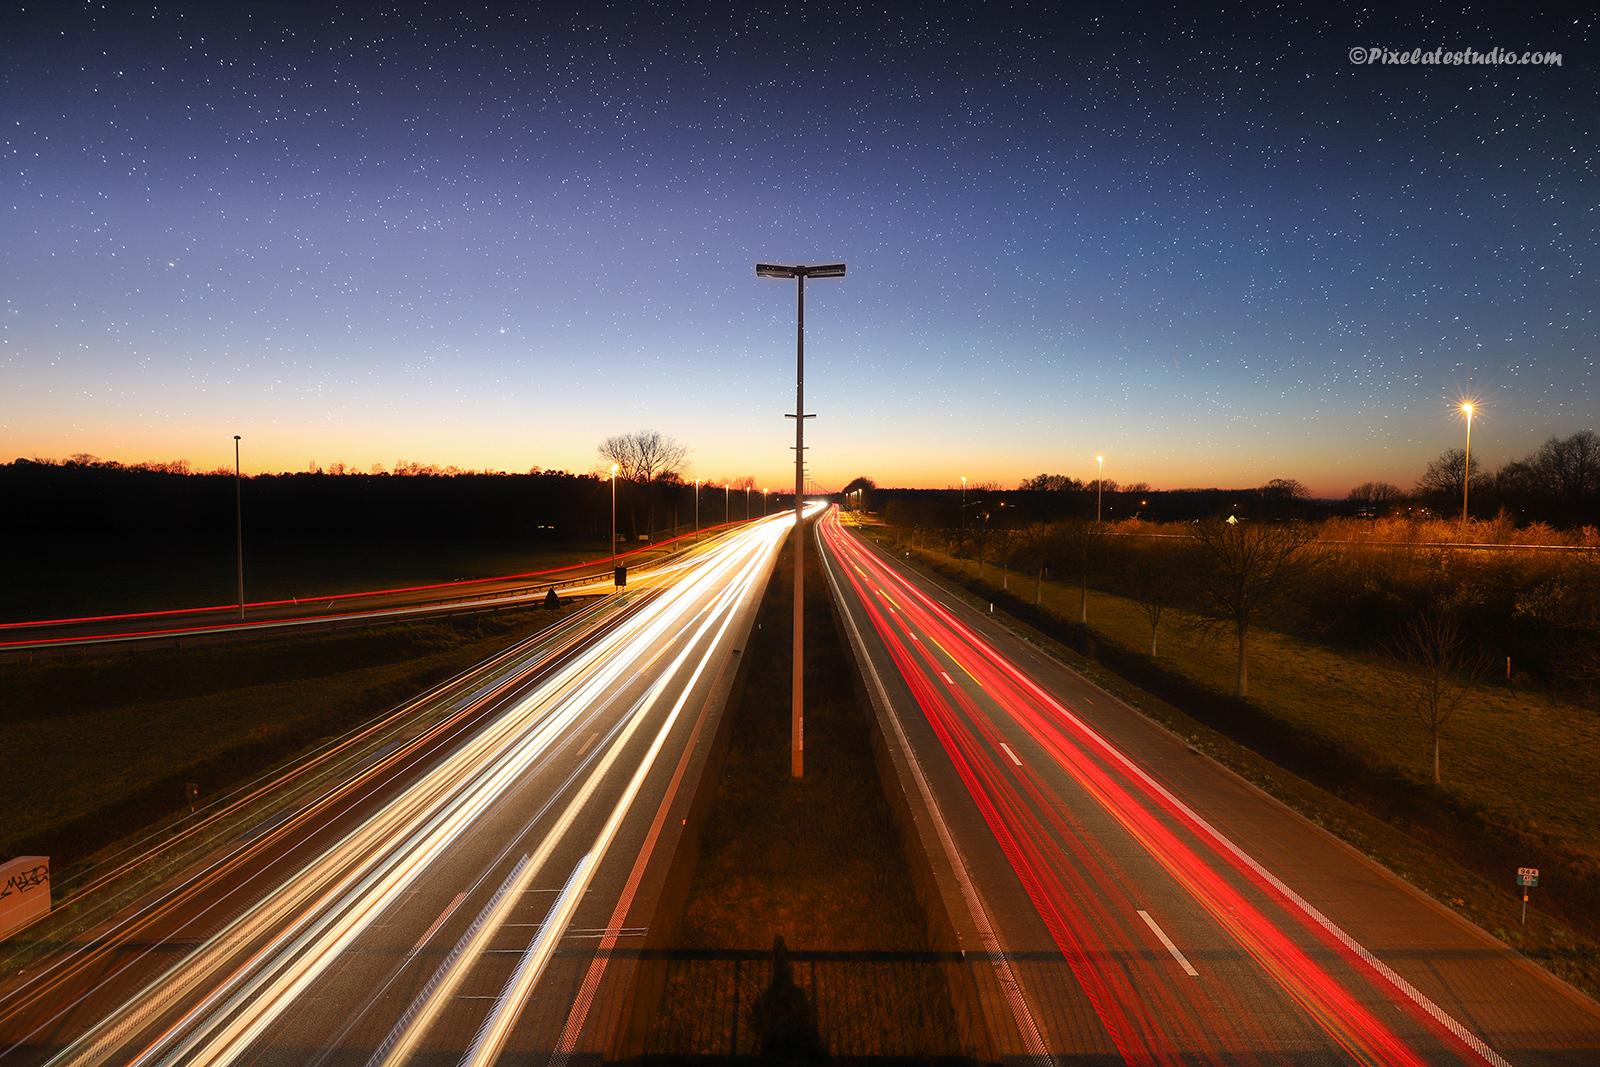 foto met lange sluitertijden genomen op een viaduct boven een autobaan , zodat je de verlichting van de auto's als lichtstrepen ziet